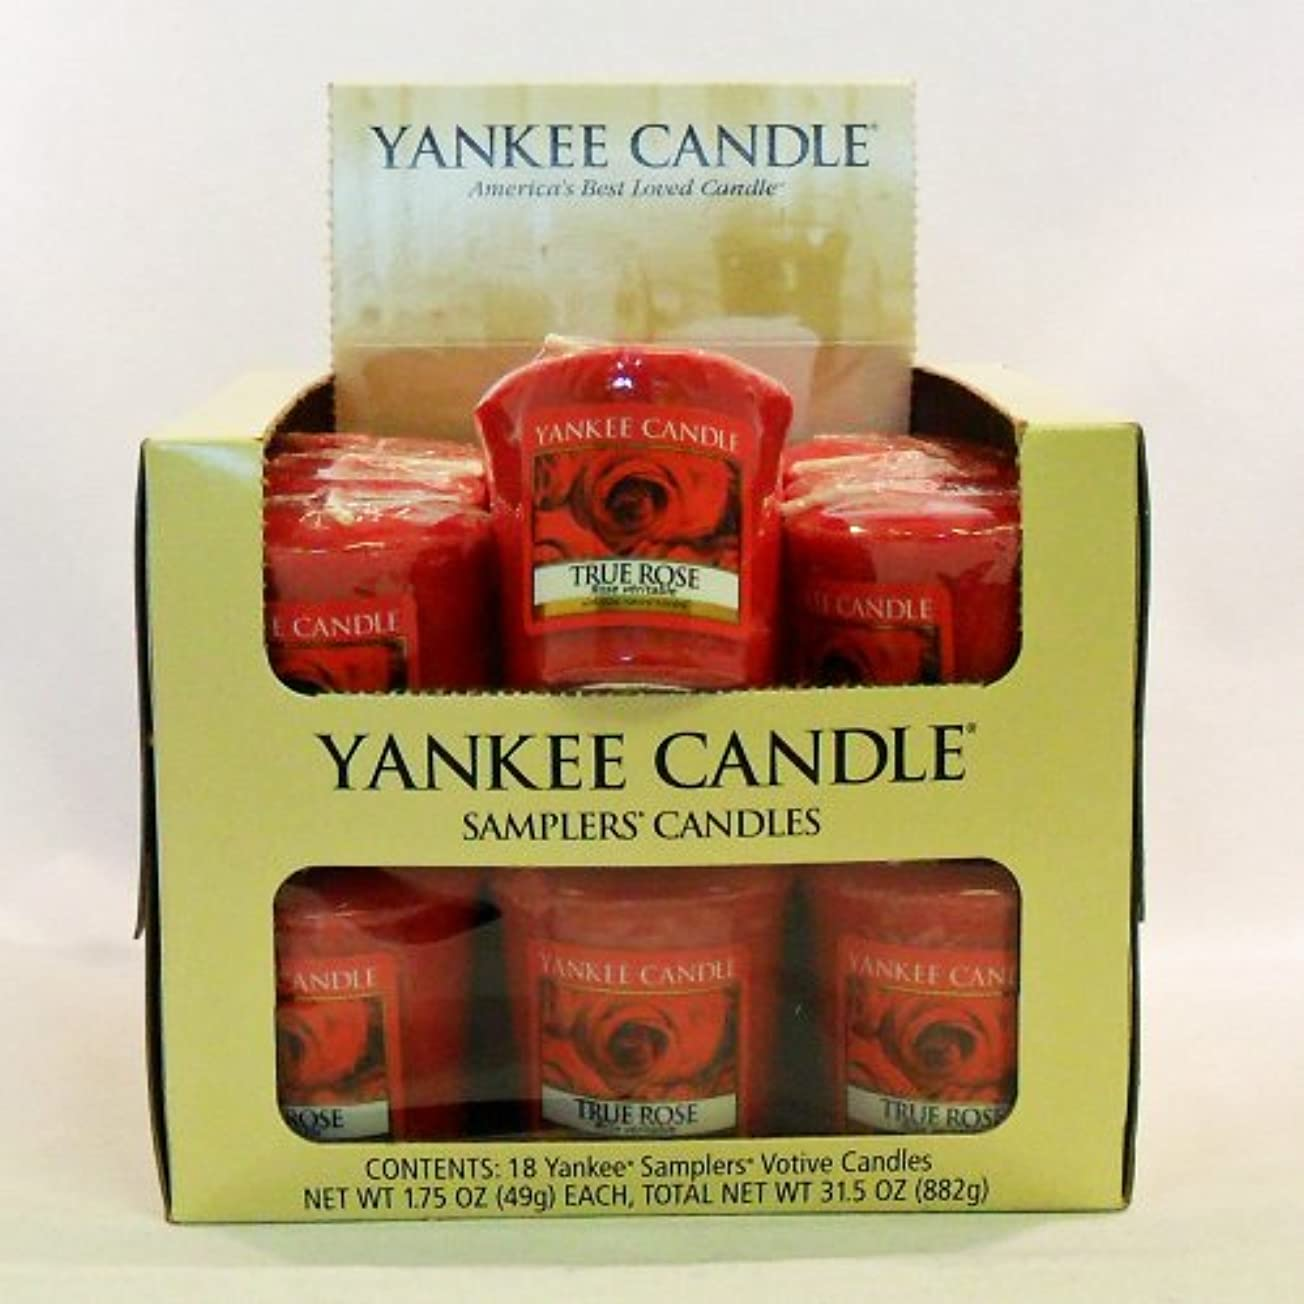 祝福するミント有効Yankee candle-18 X TrueローズVotiveサンプラーキャンドル – 新しい香りfor 2012 。